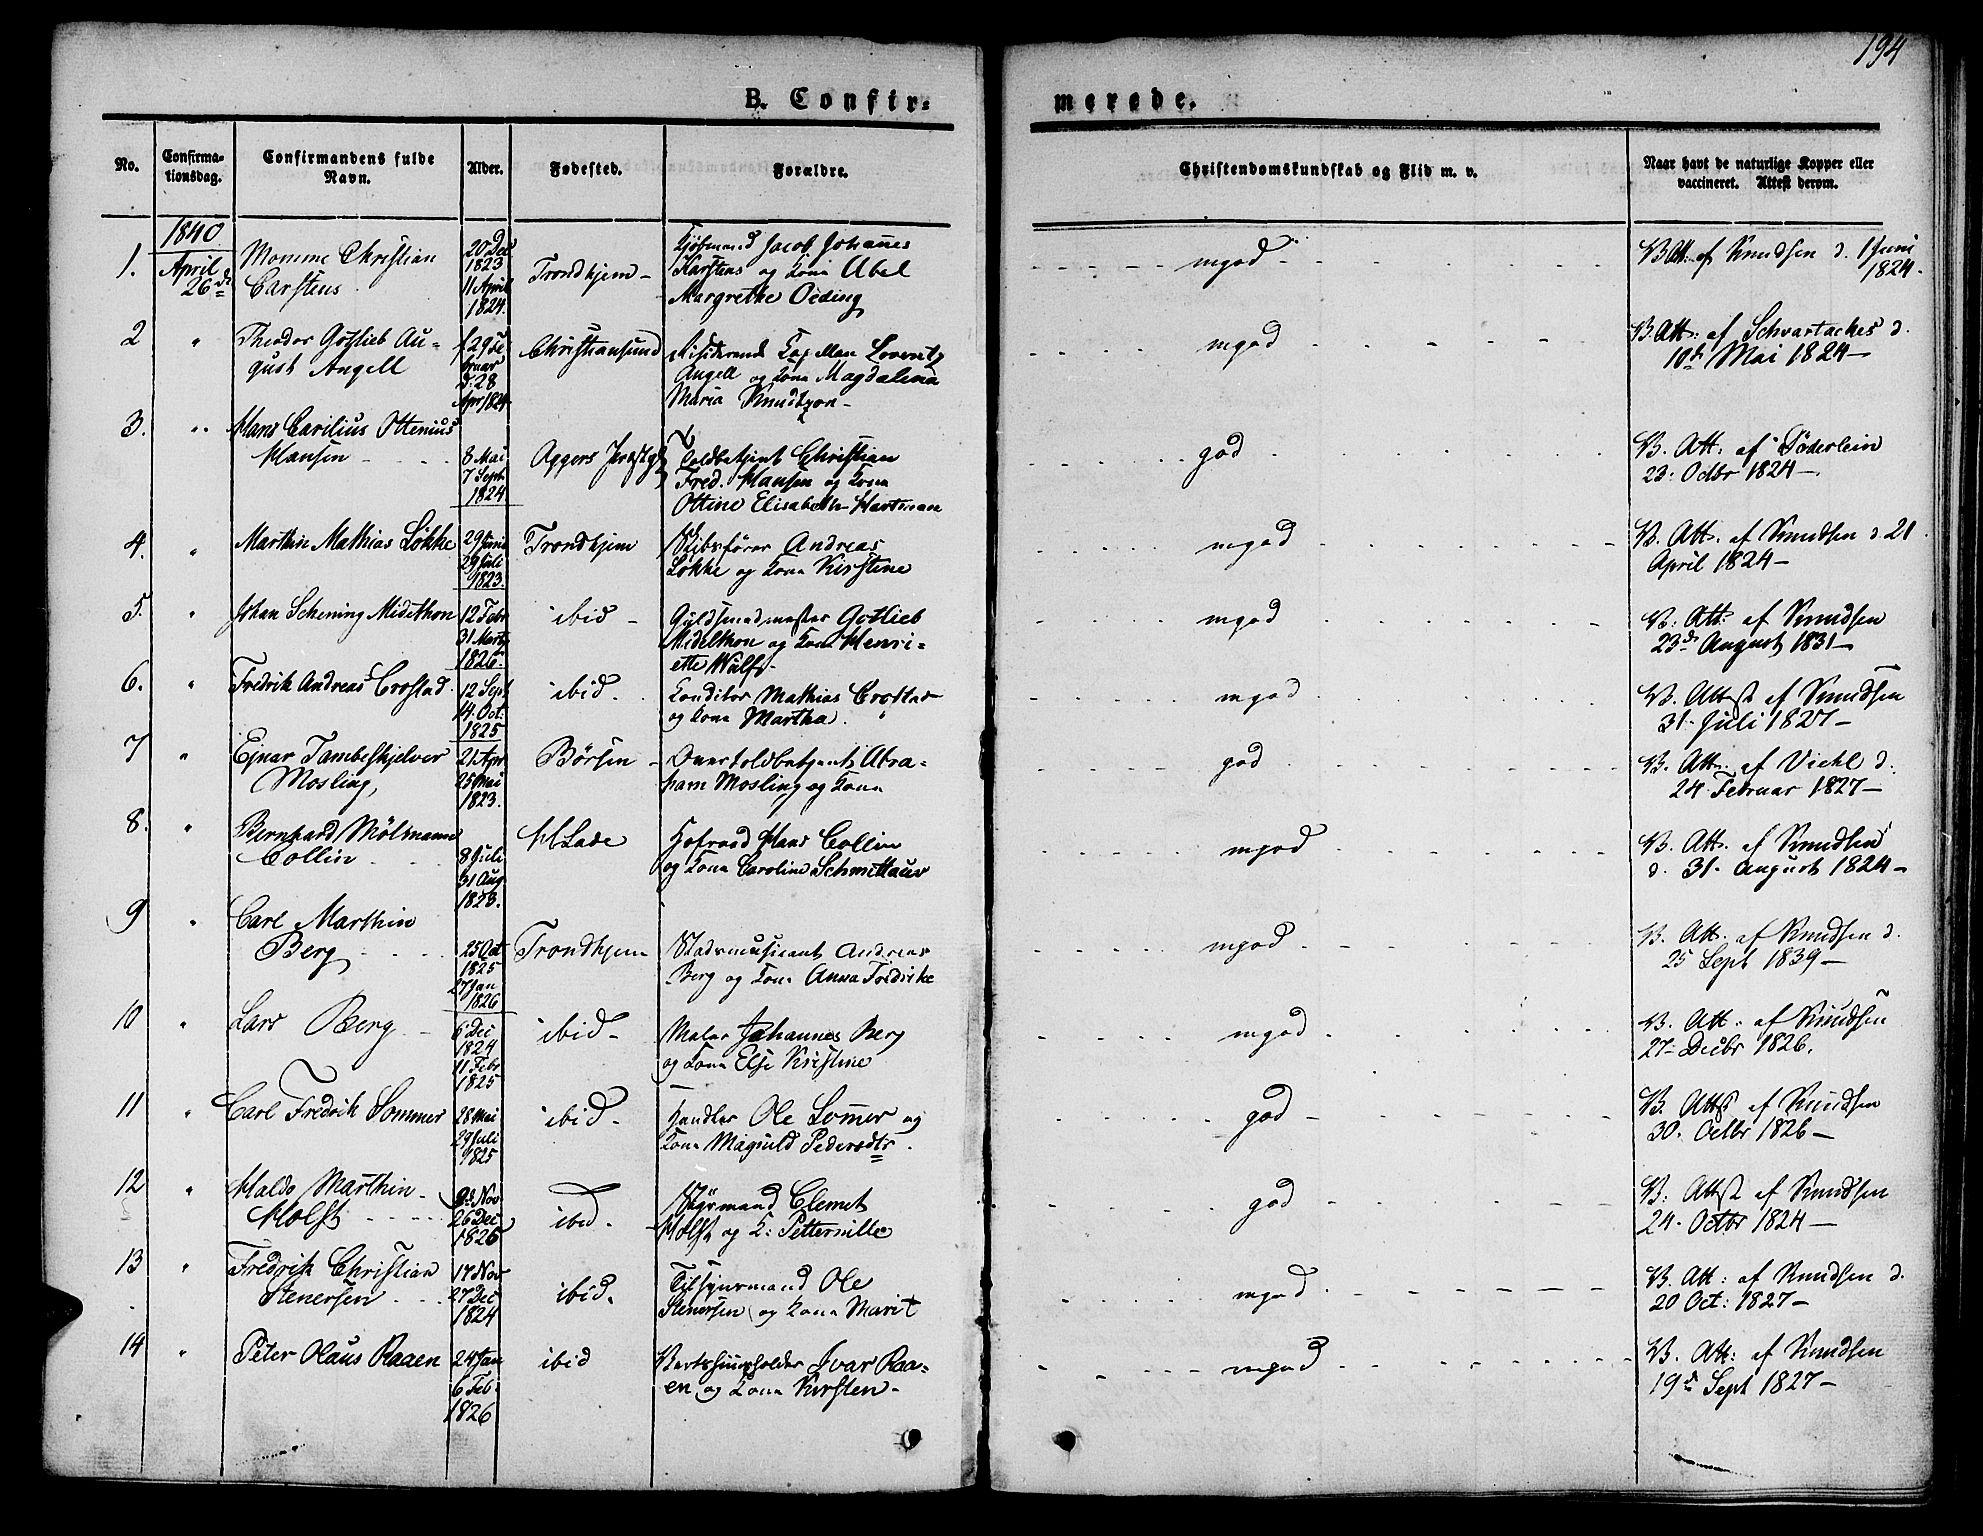 SAT, Ministerialprotokoller, klokkerbøker og fødselsregistre - Sør-Trøndelag, 601/L0048: Ministerialbok nr. 601A16, 1840-1847, s. 194